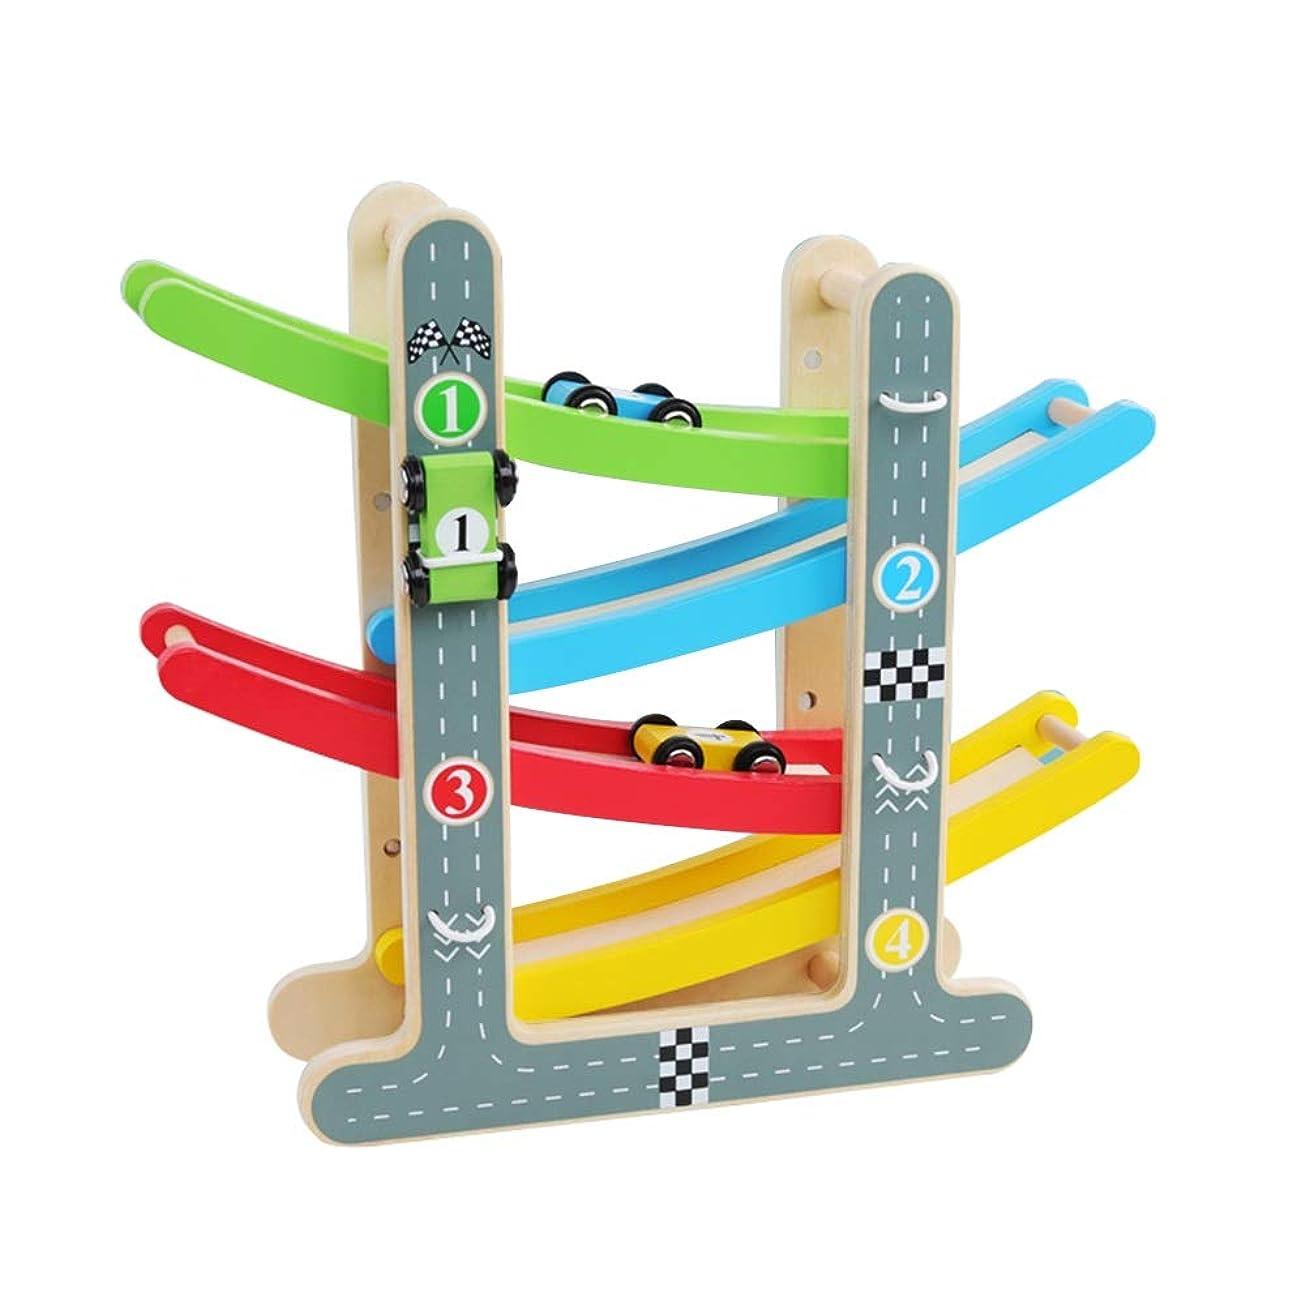 にもかかわらず食い違いつまずくXyanzi 子どもおもちゃ 幼児のおもちゃレーストラック、4台のミニカーとランプレーサーゲーム初期開発車両プレイセット玩具(サイズ:8.86